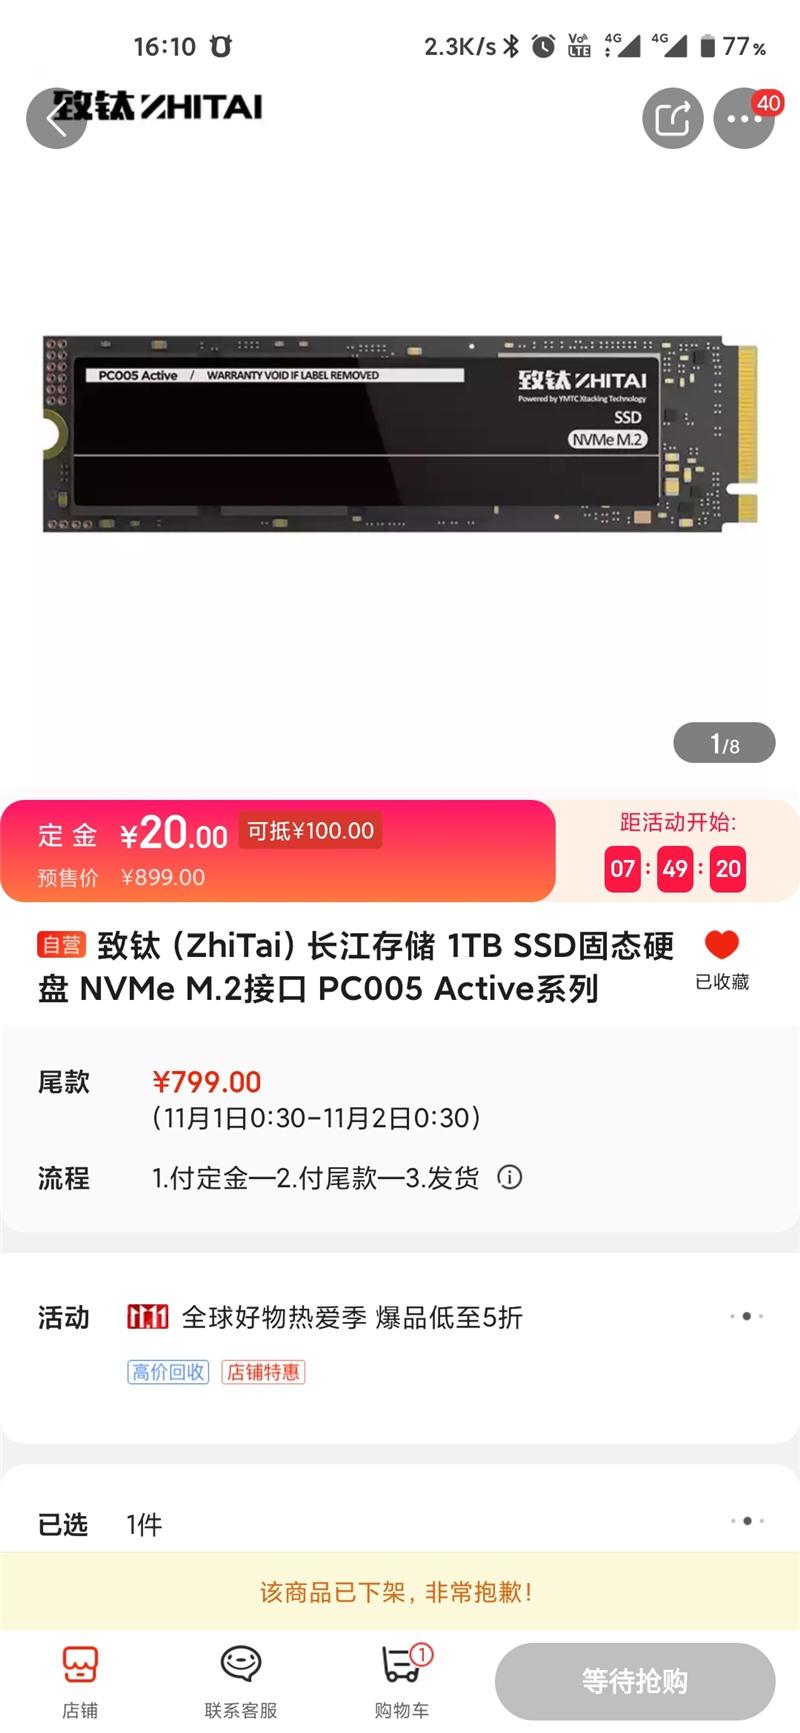 国产固态硬盘,长江存储 NVMe M.2 SSD 上架:329 至 819 元